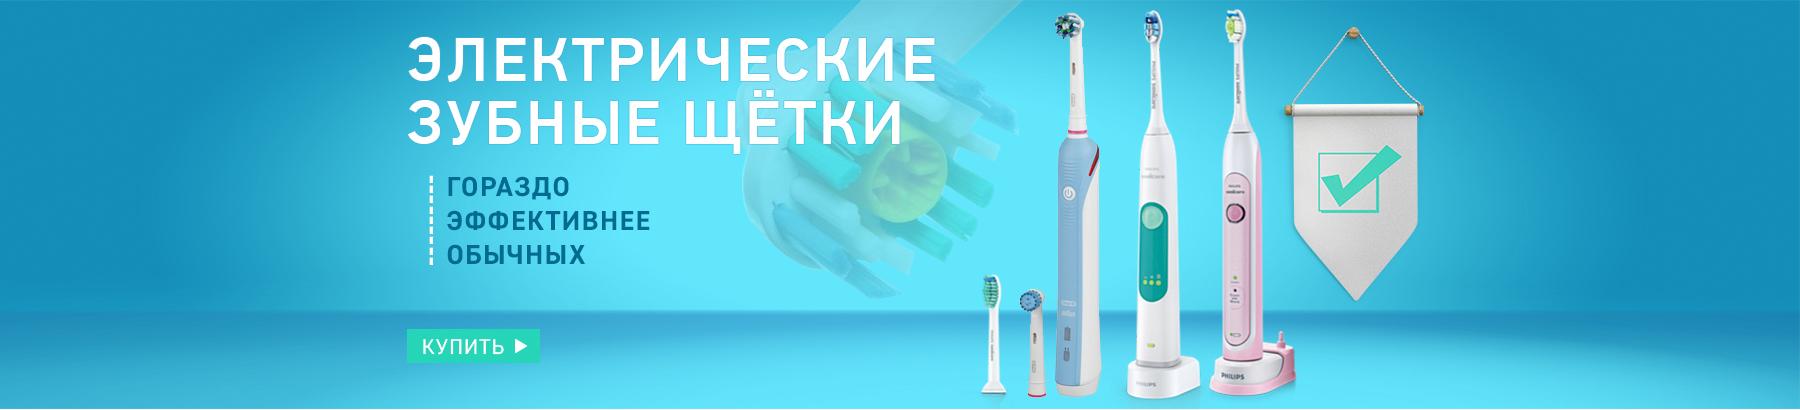 Покупай электрические зубные щетки по привлекательной цене